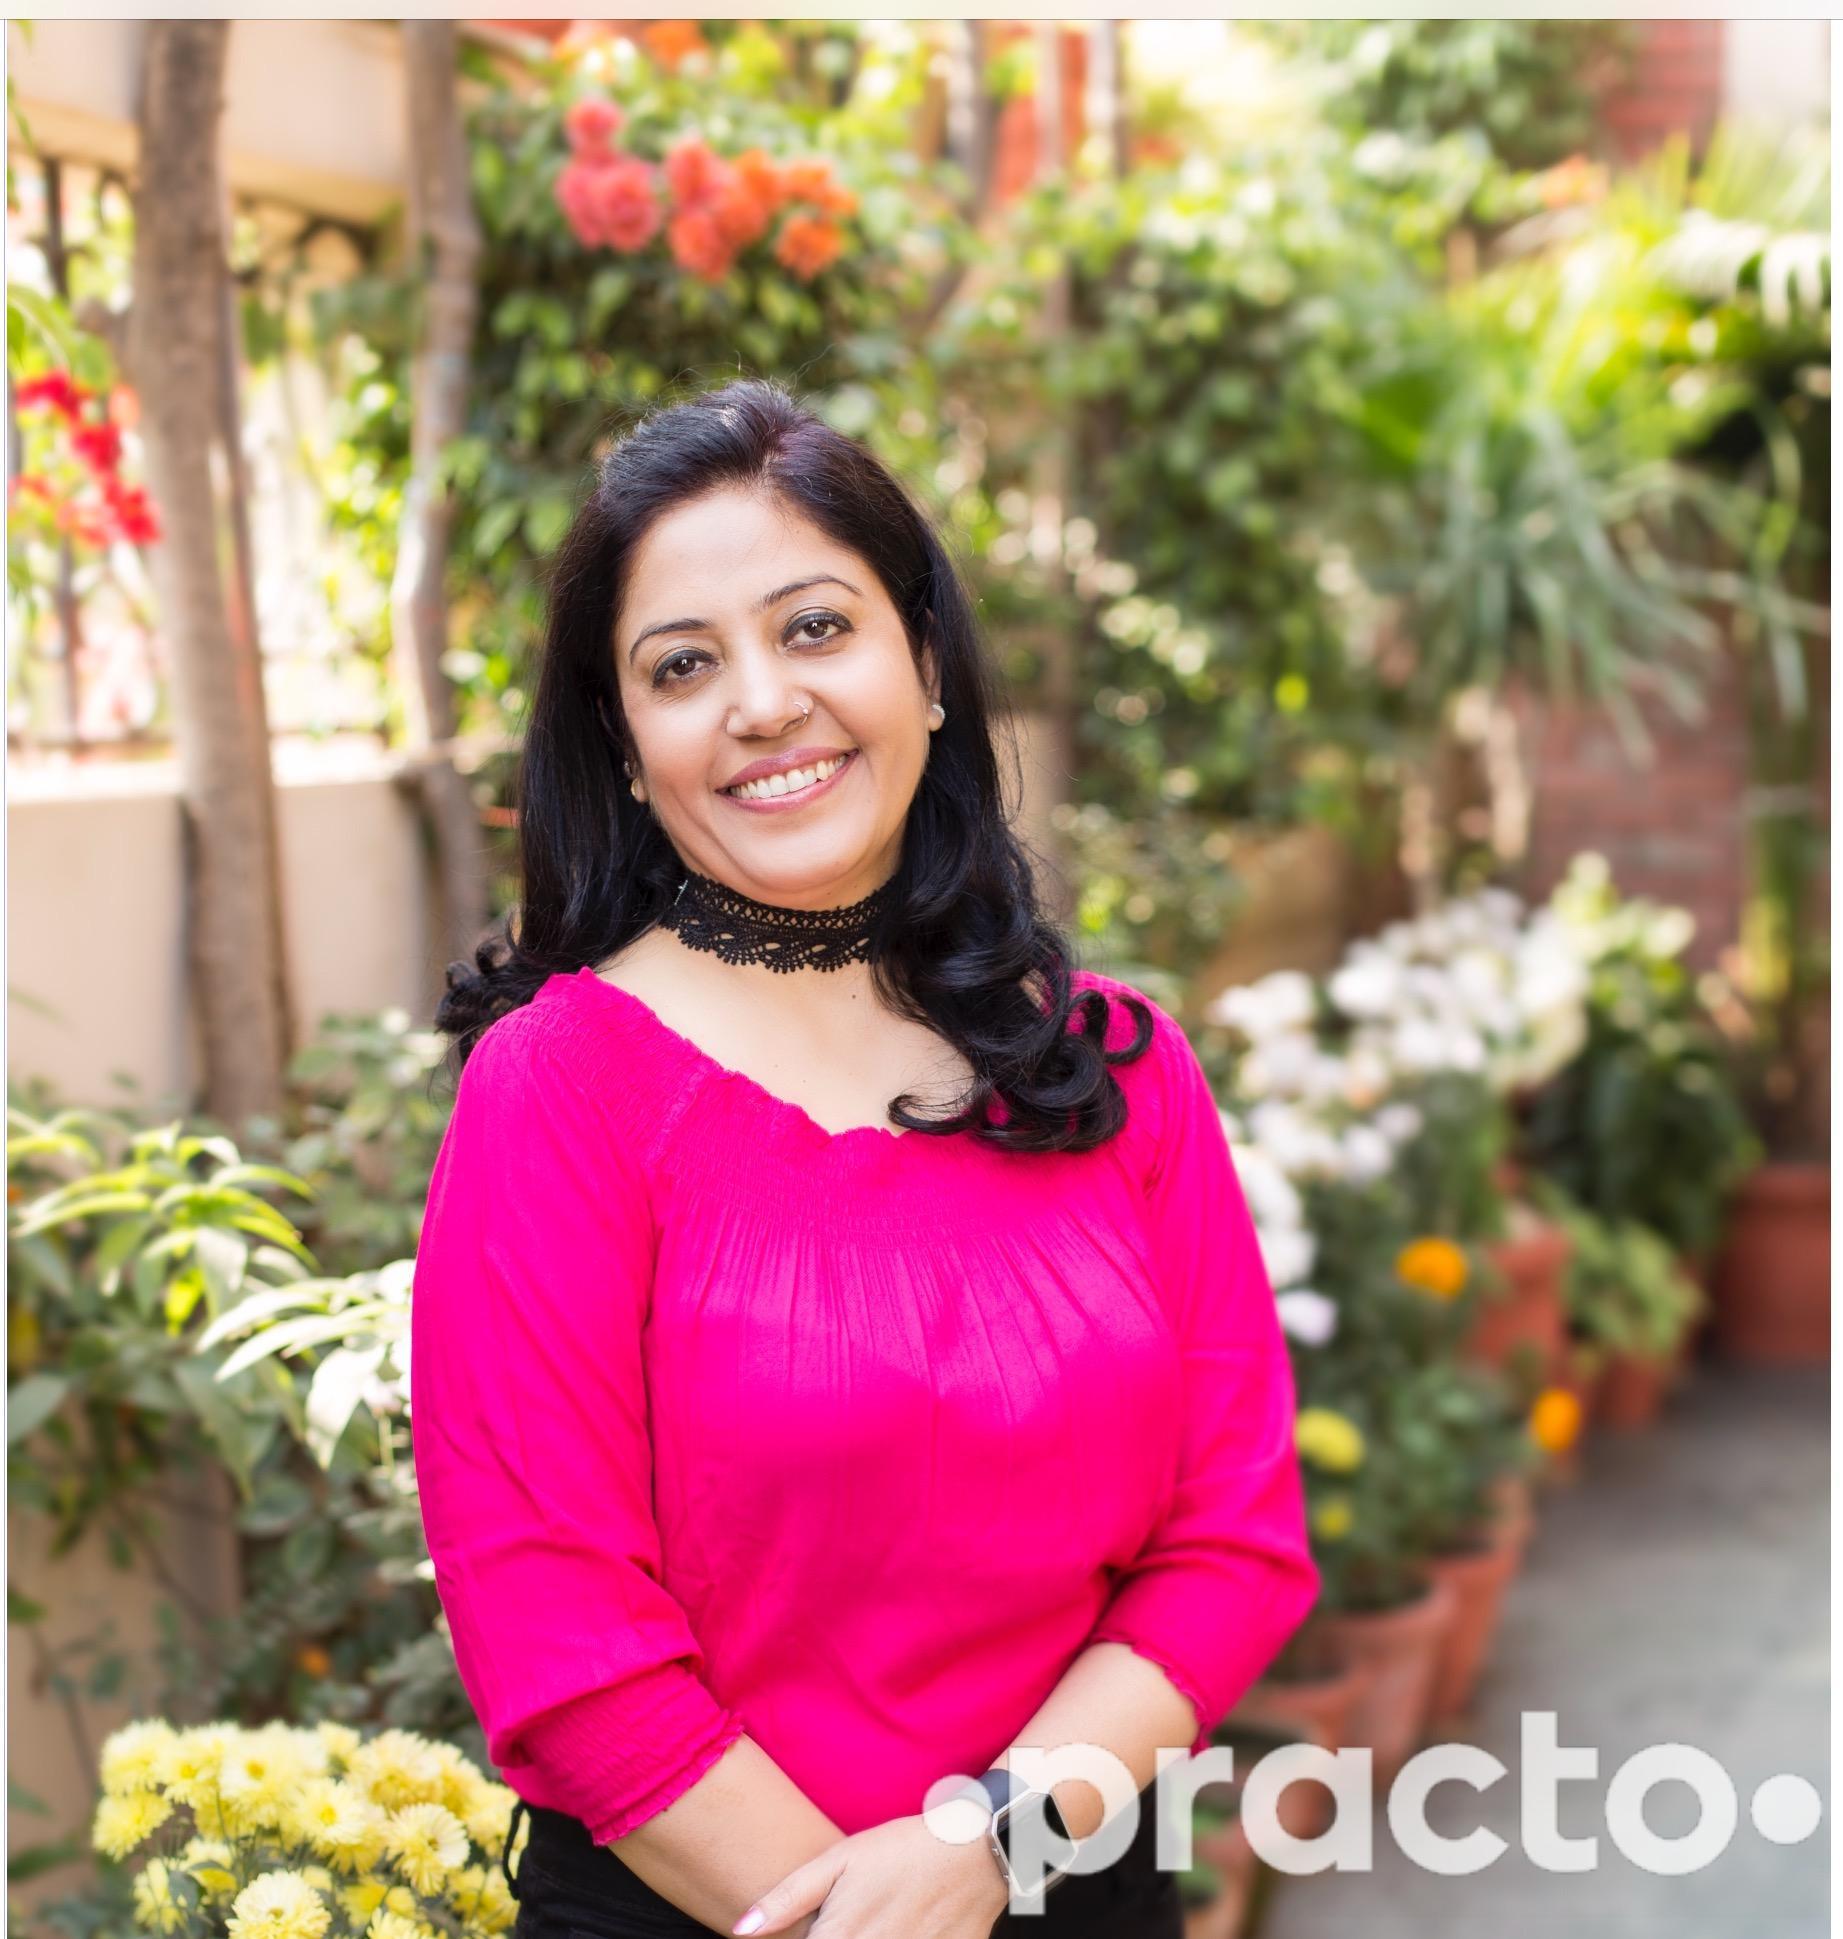 Dr. Deepika Malik - Dietitian/Nutritionist